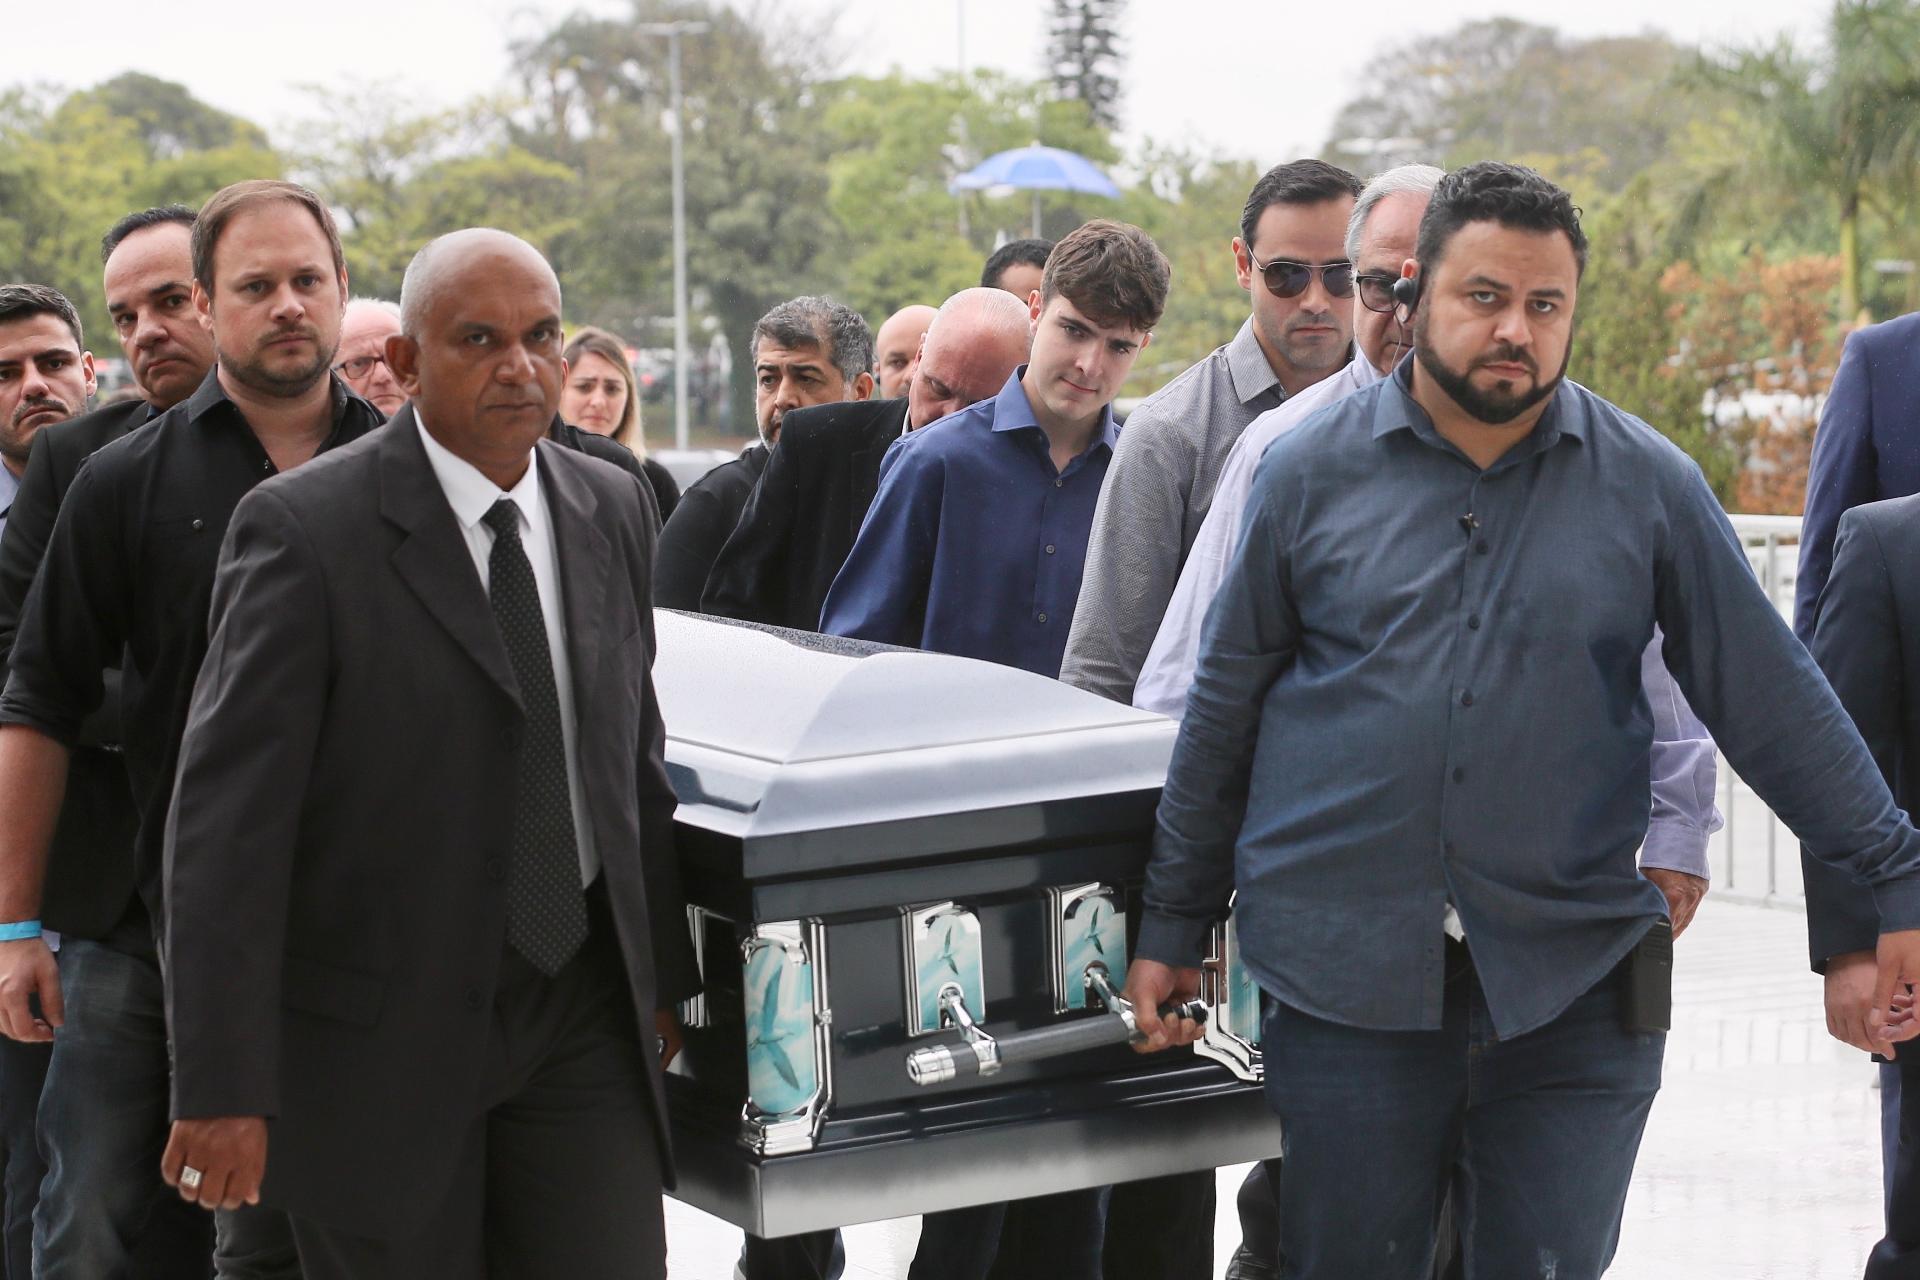 VELÓRIO DO APRESENTADOR GUGU LIBERATO É INICIADO NA ASSEMBLEIA LEGISLATIVA DE SÃO PAULO